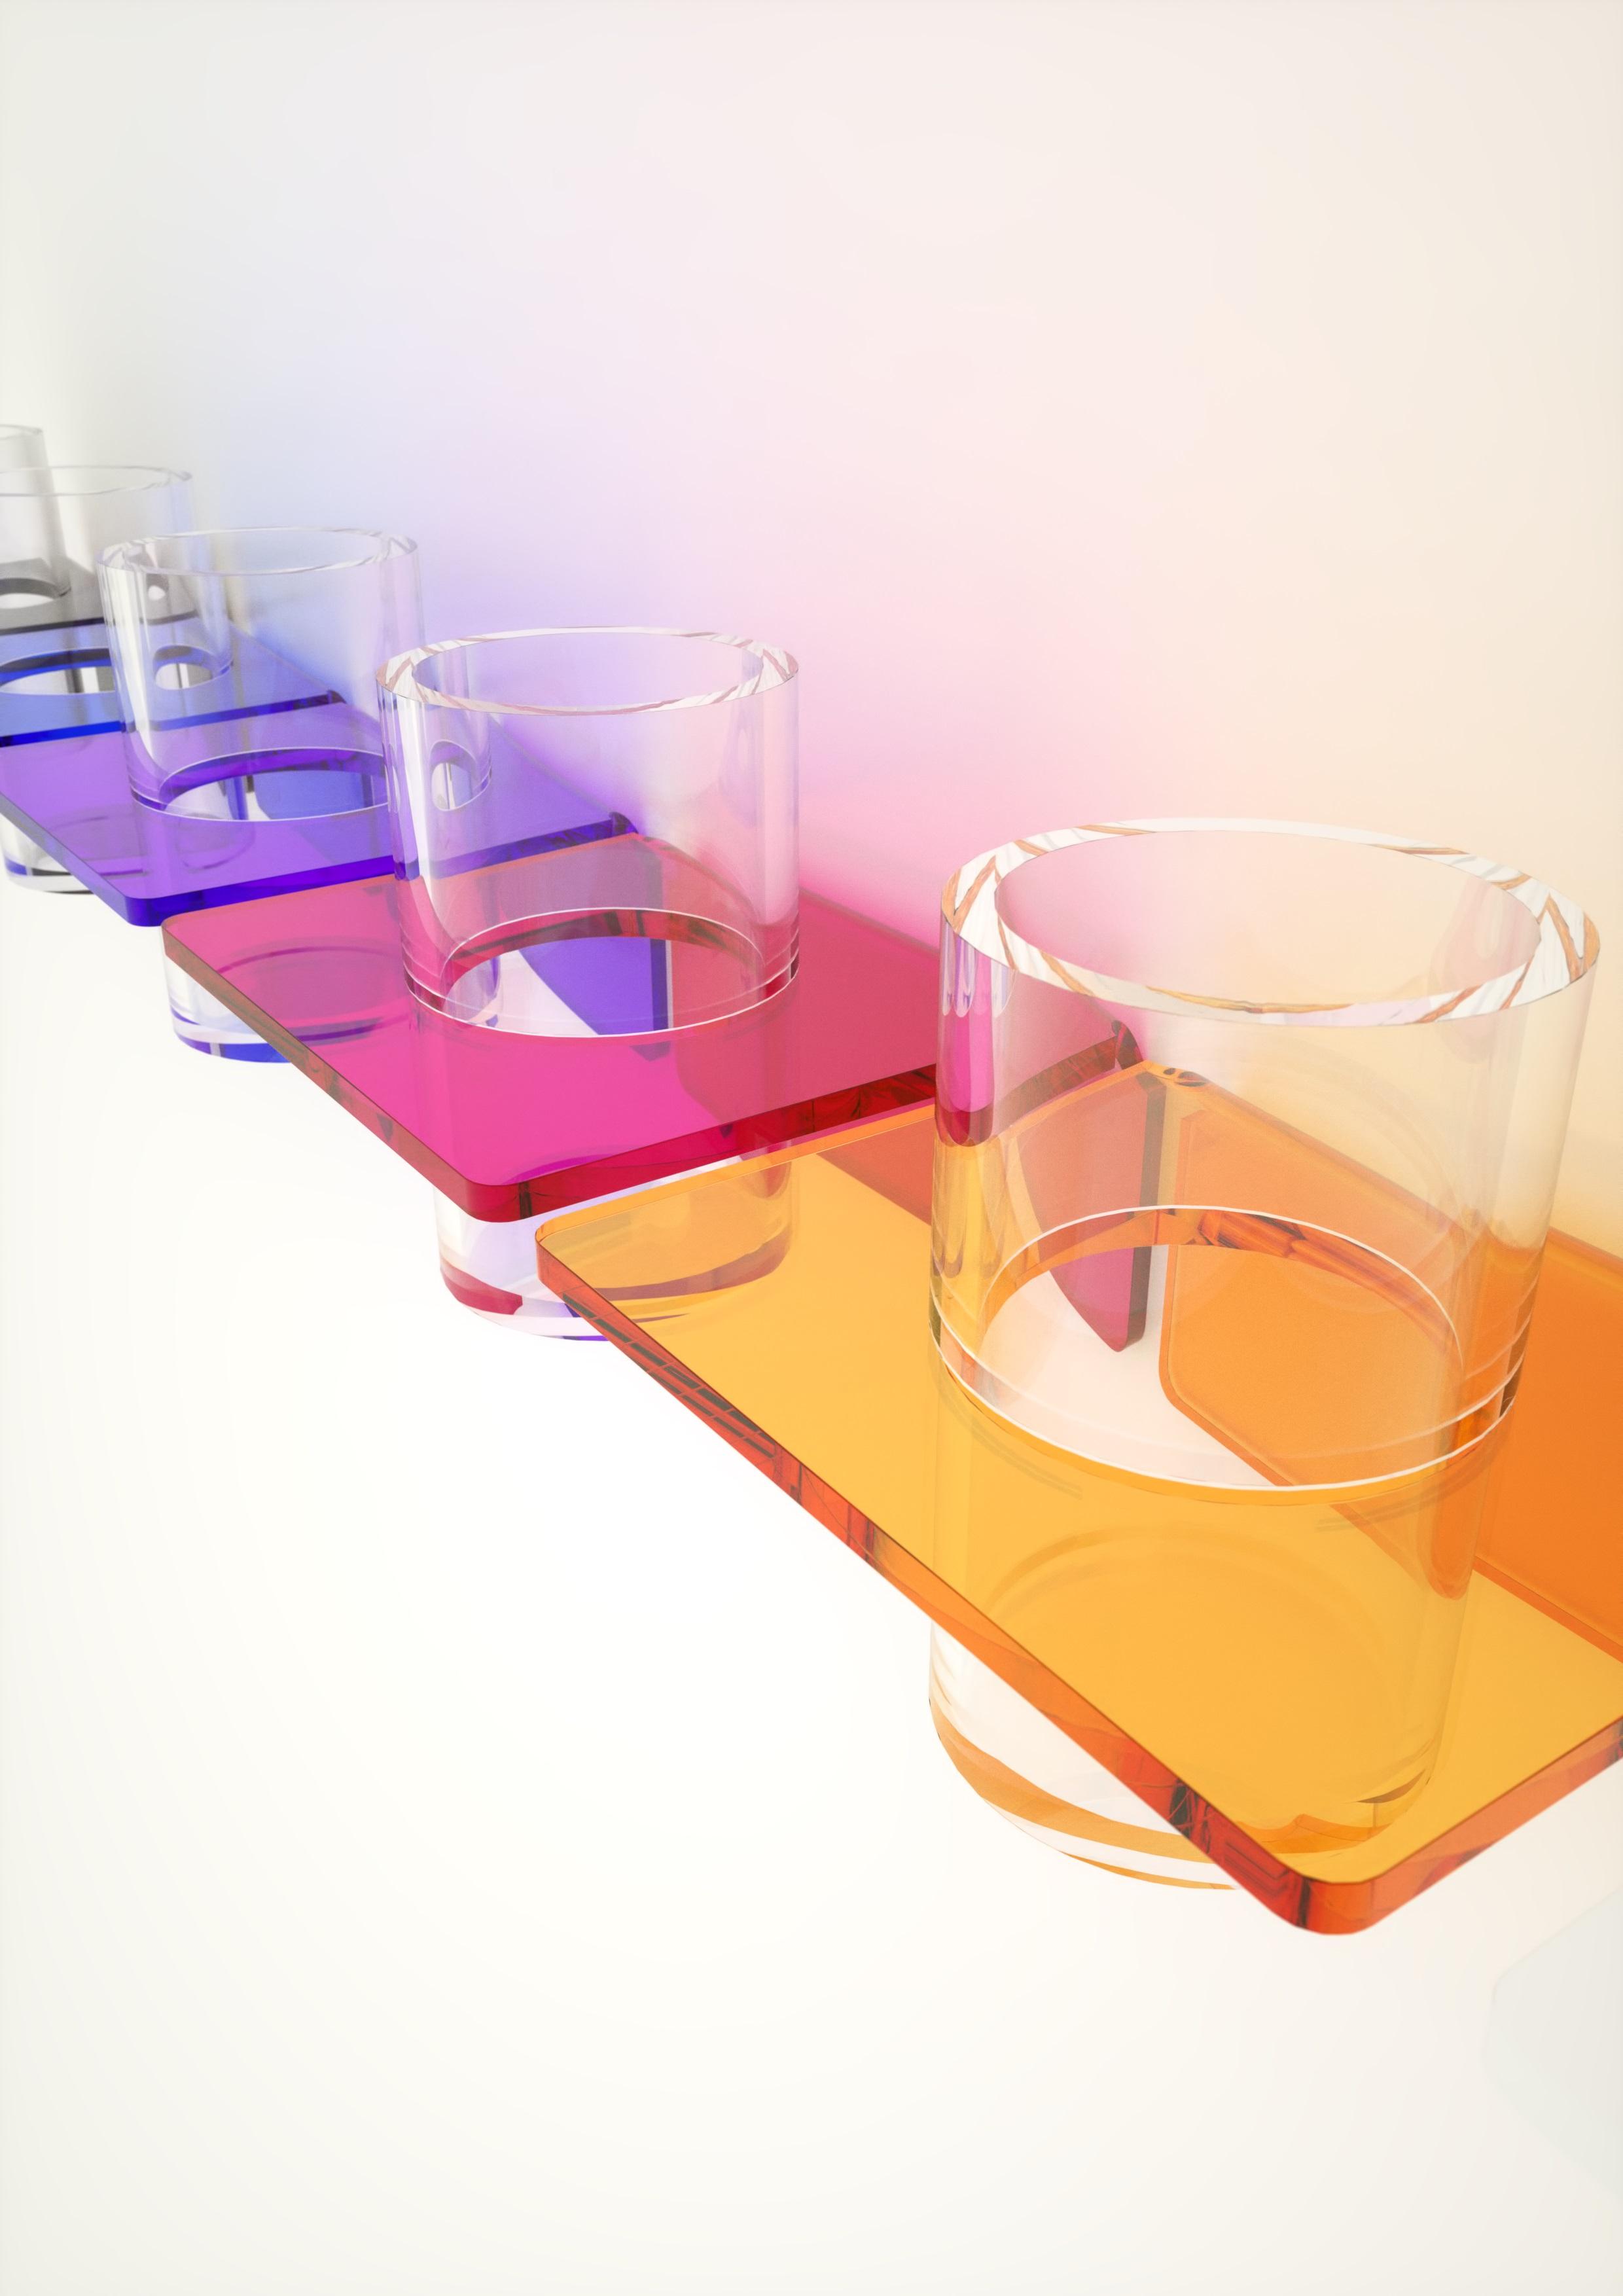 Accessori doccia portabicchiere in plexiglass disponibile in vari colori - Accessori bagno plexiglass ...